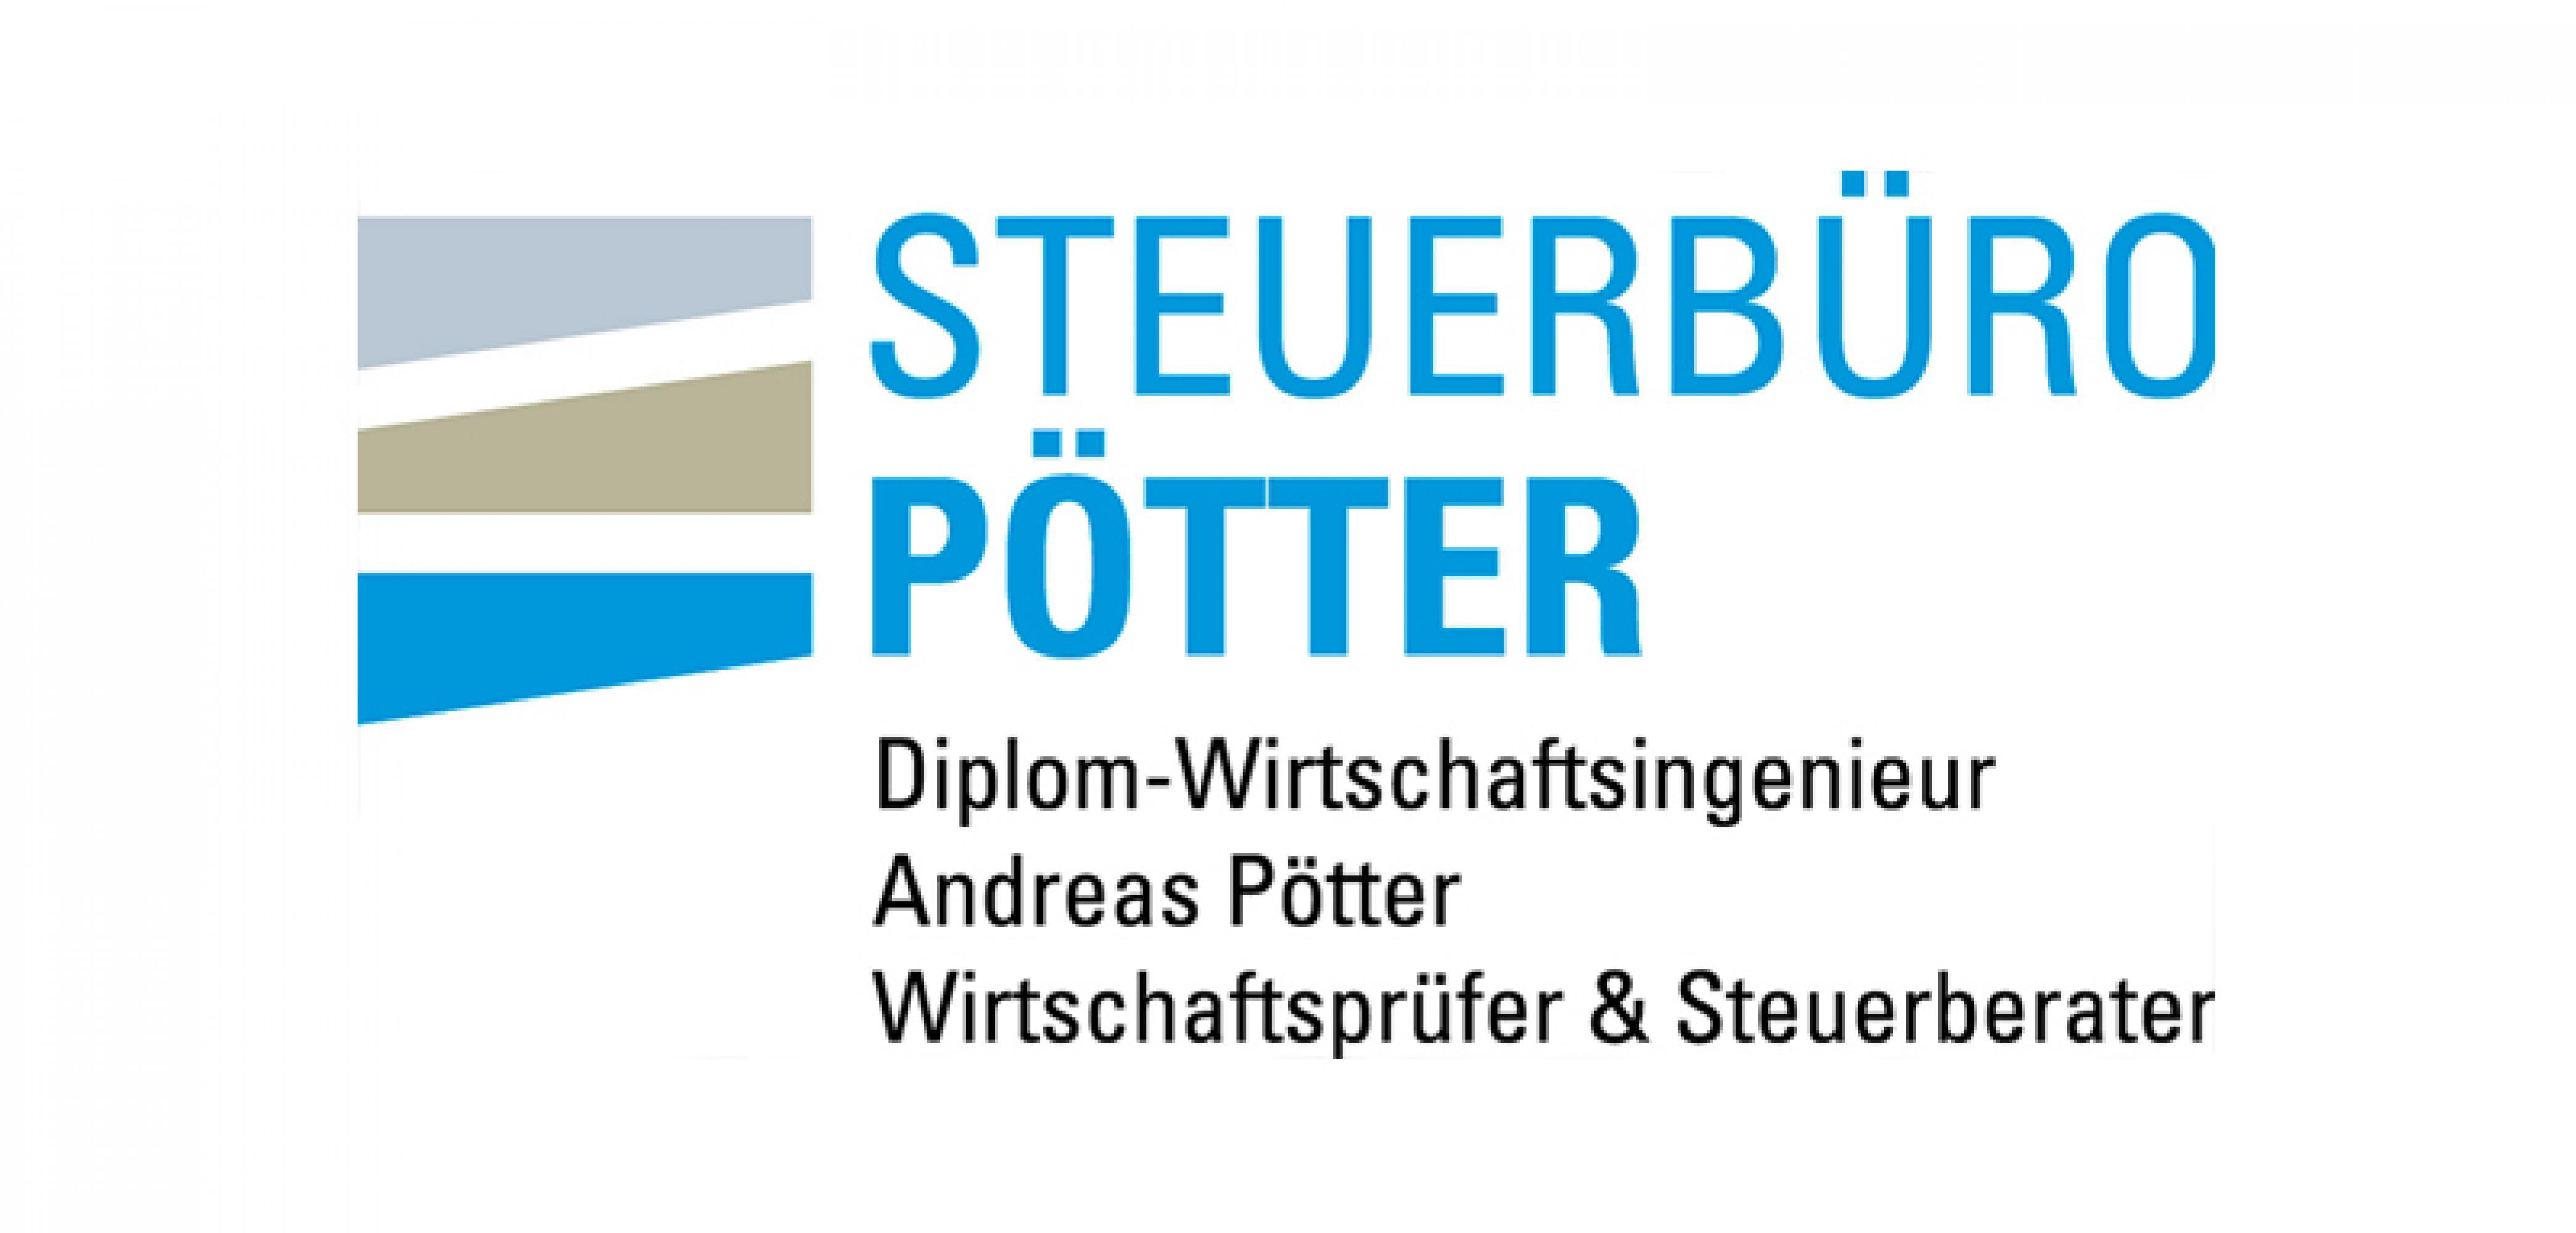 Logo-Gestaltung-Steuerbüro-Steuerberater-Wirtschaftsprüfer-01